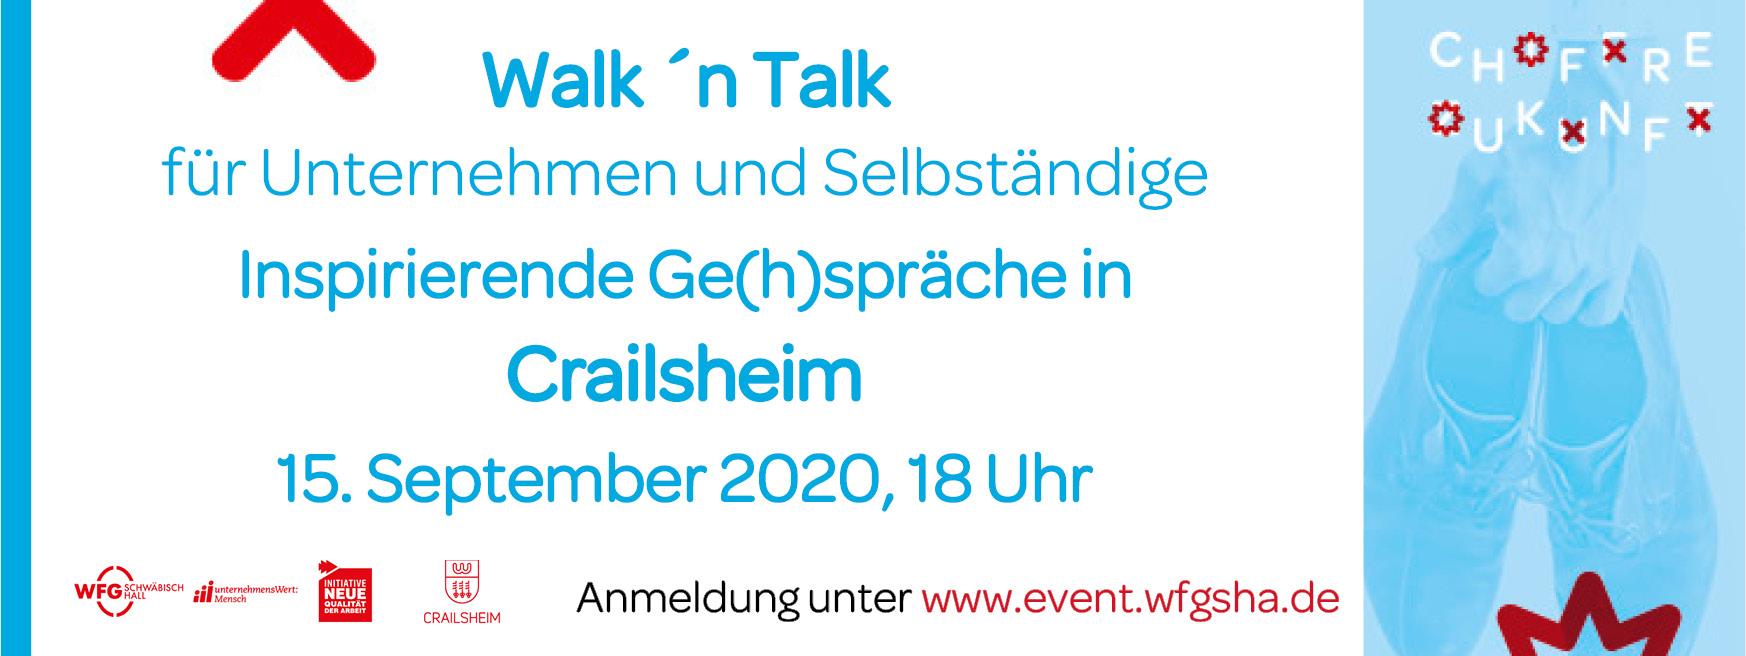 Das Bild zeigt die Informationen zur Veranstaltung mit dem Titel Walk 'n Talk f�r Unternehmen und Selbst�ndige, Inspirierende Ge(h)spr�che in Schw�bisch Hall am 8.09.2020 um 19 Uhr. Zudem zeigt es eine Hand, die ein paar Schuhe h�lt.